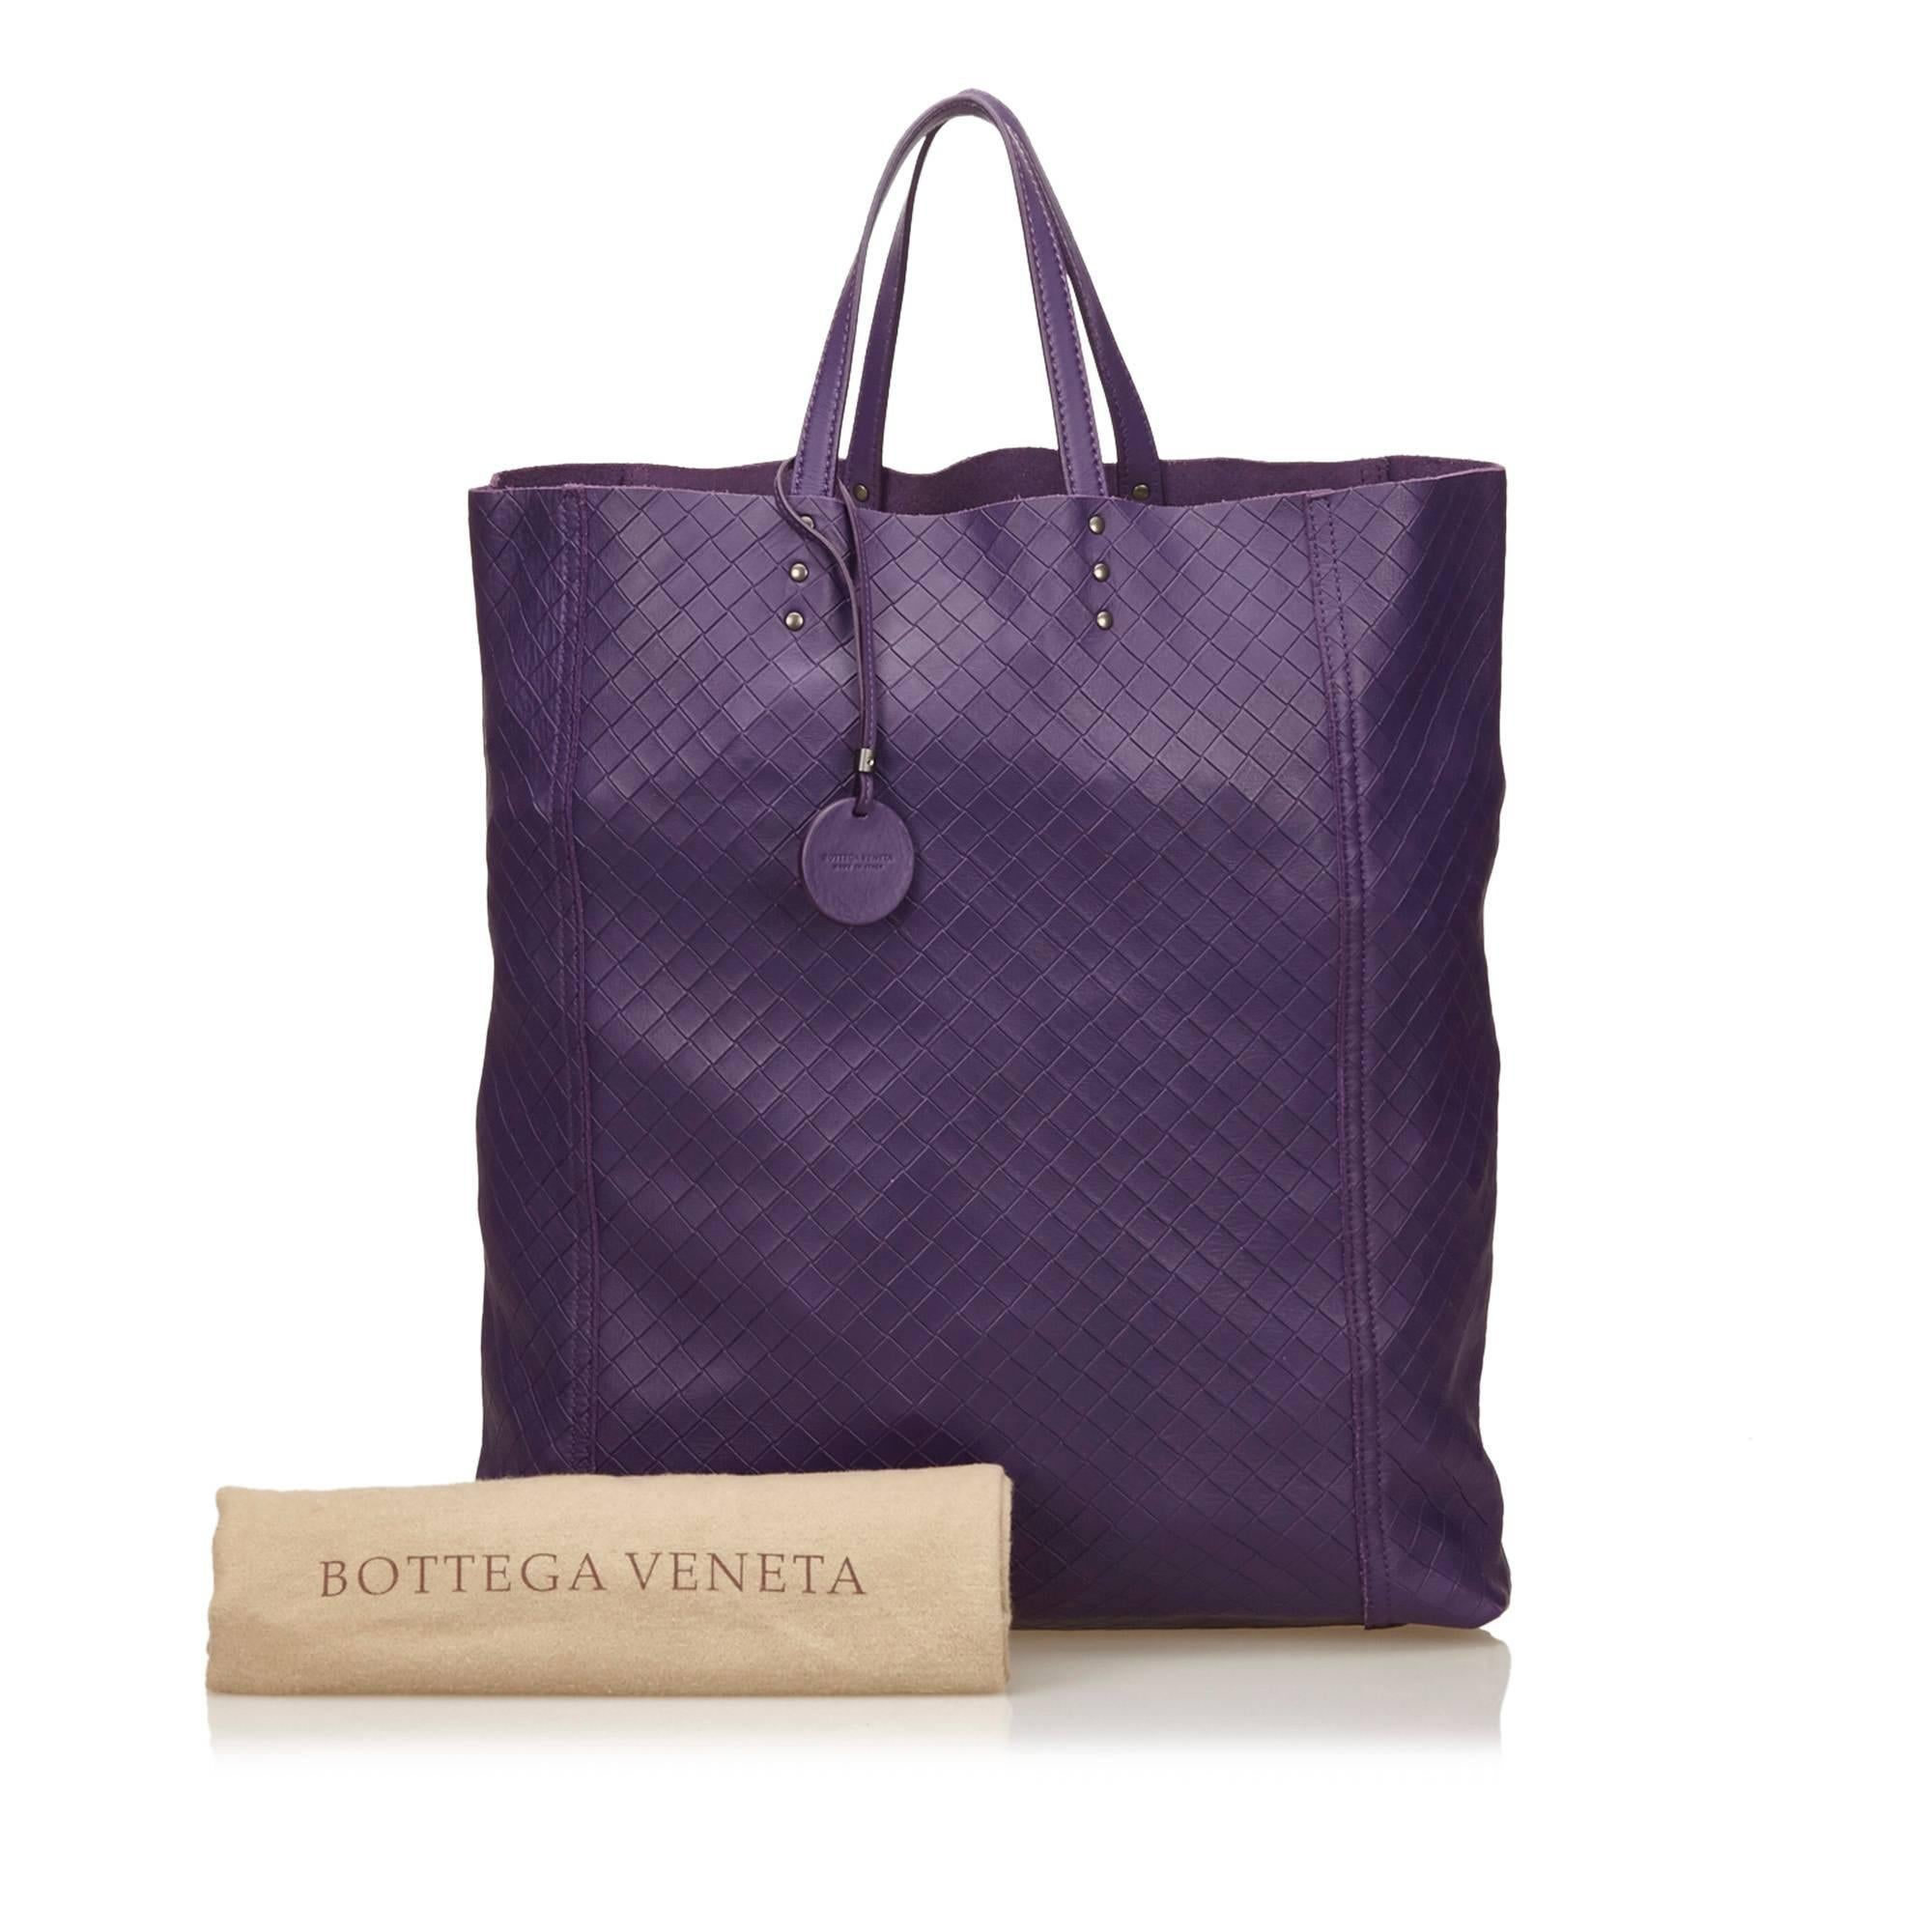 ce0c29f6438f Bottega Venetta Purple Leather Intrecciomirage Tote For Sale at 1stdibs